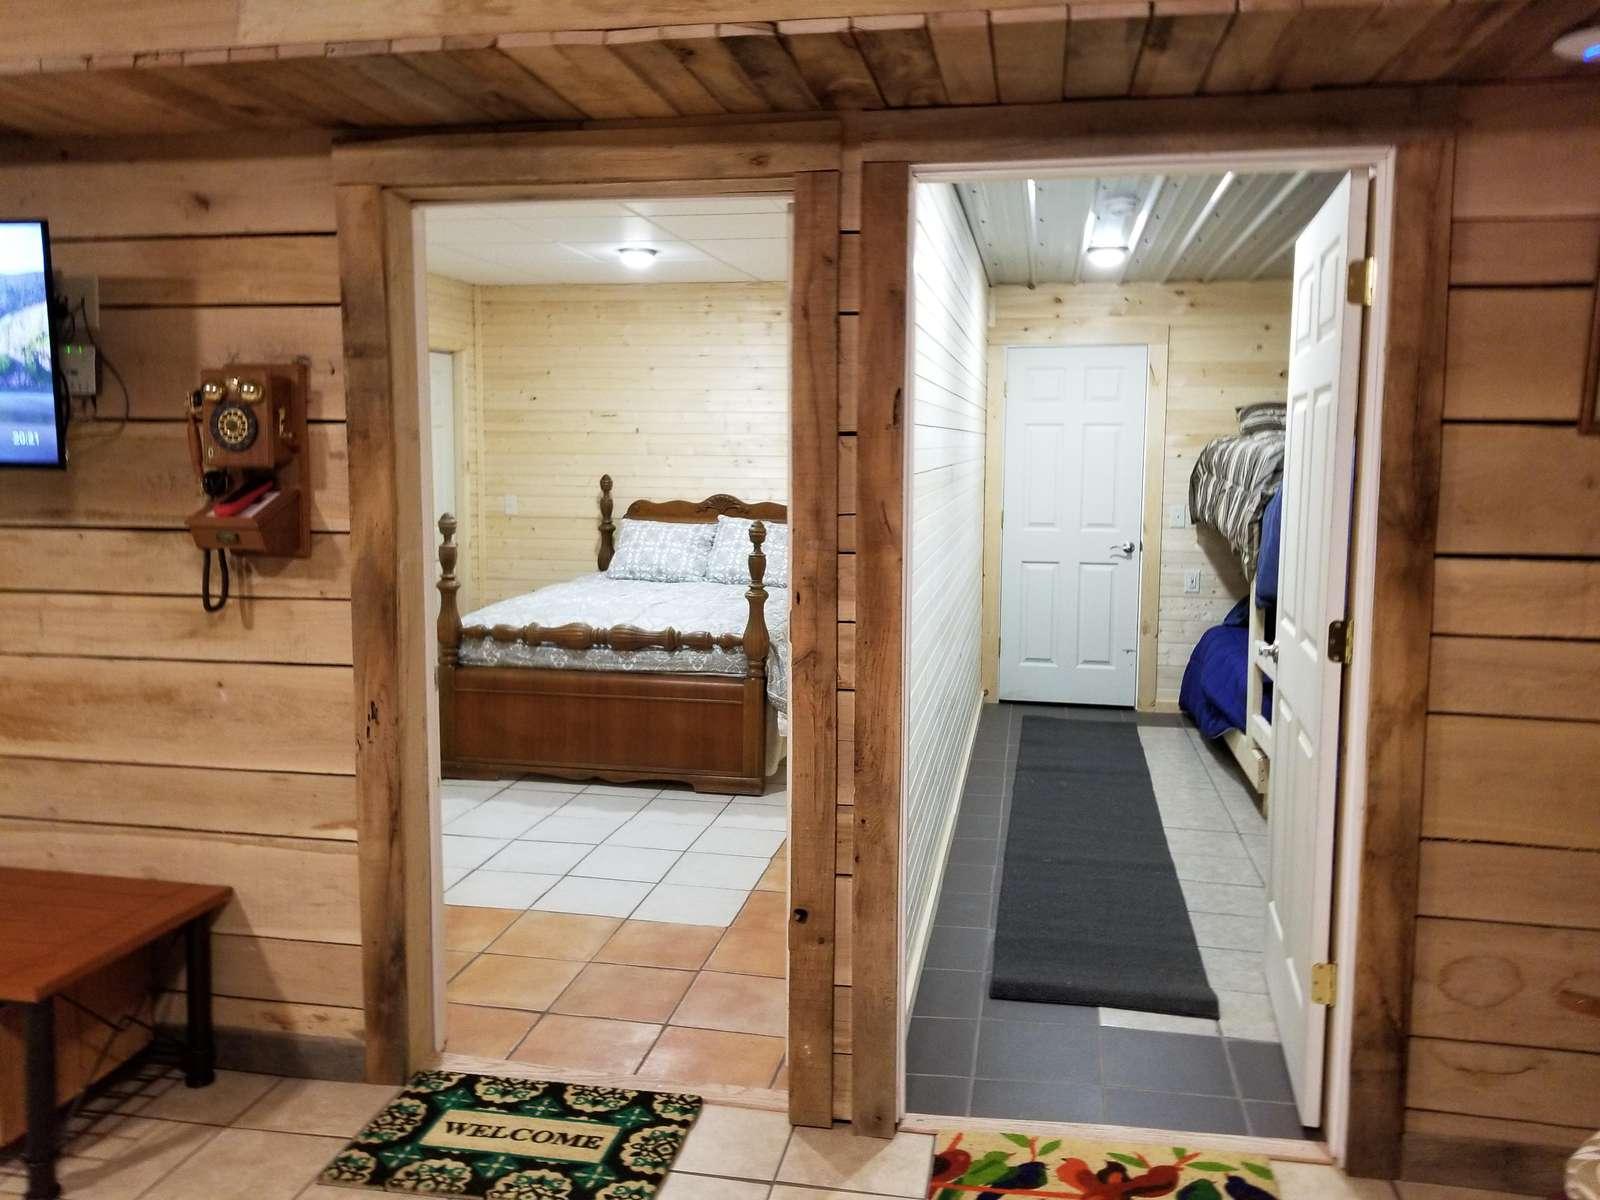 Living Room facing Bedrooms